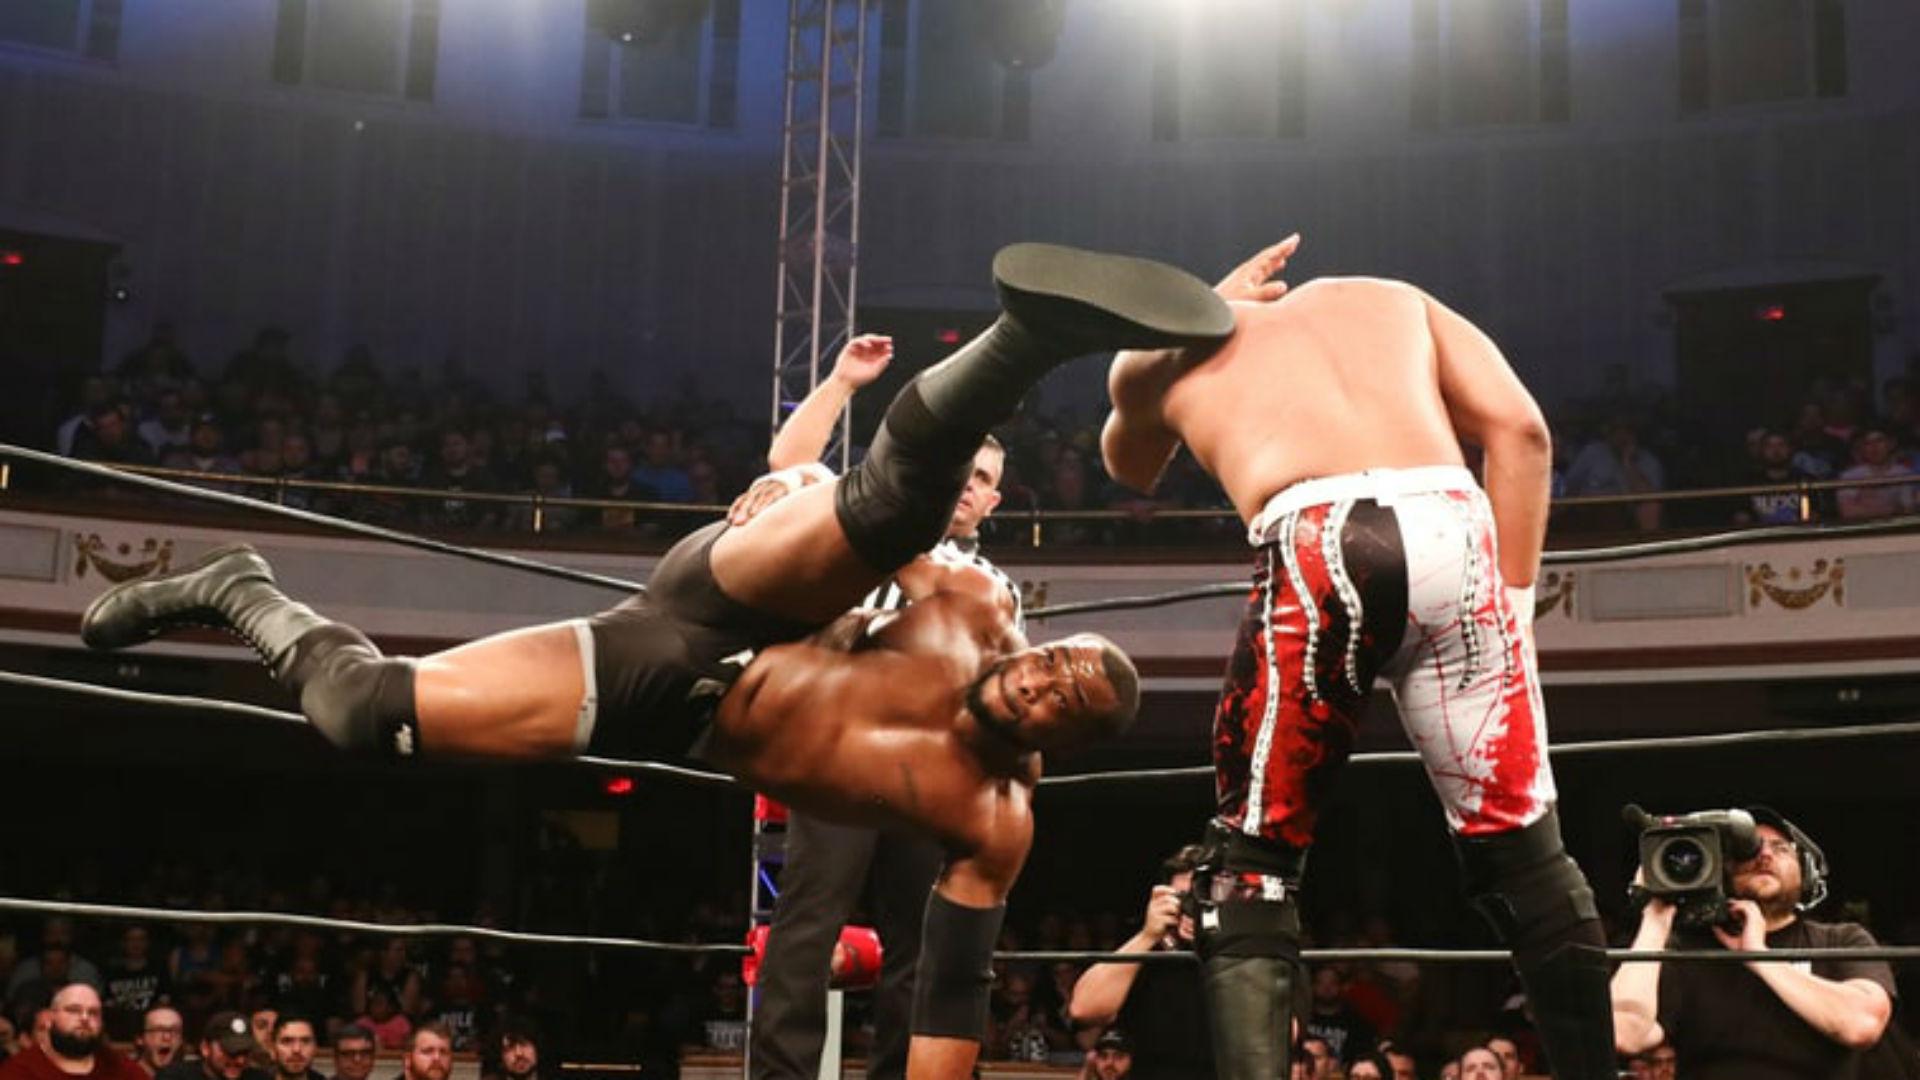 kenny-king-wrestling FTR .jpg